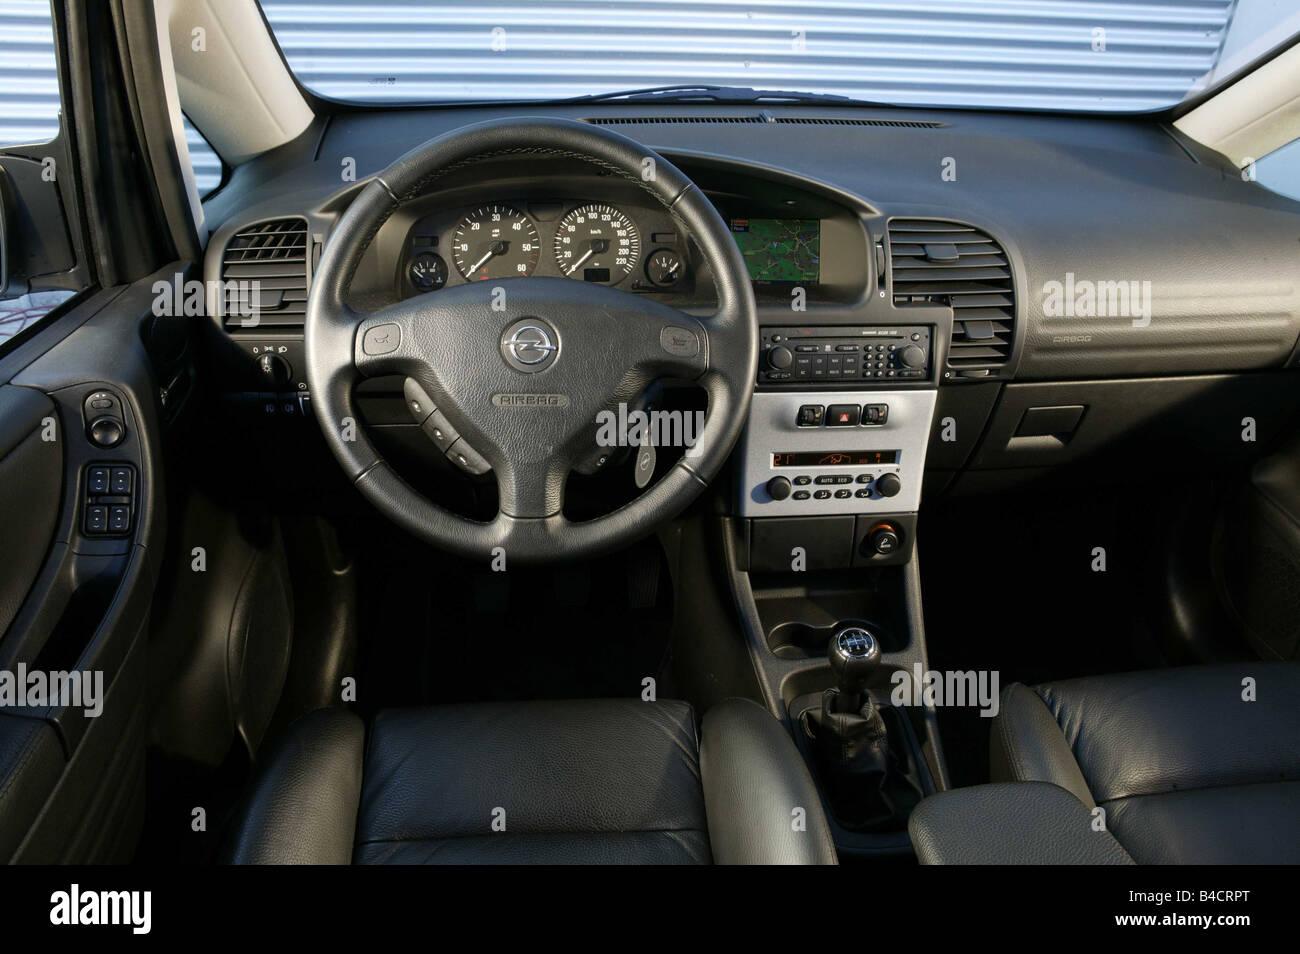 Car Opel Zafira 2 2 Dti Model Year Silver Van